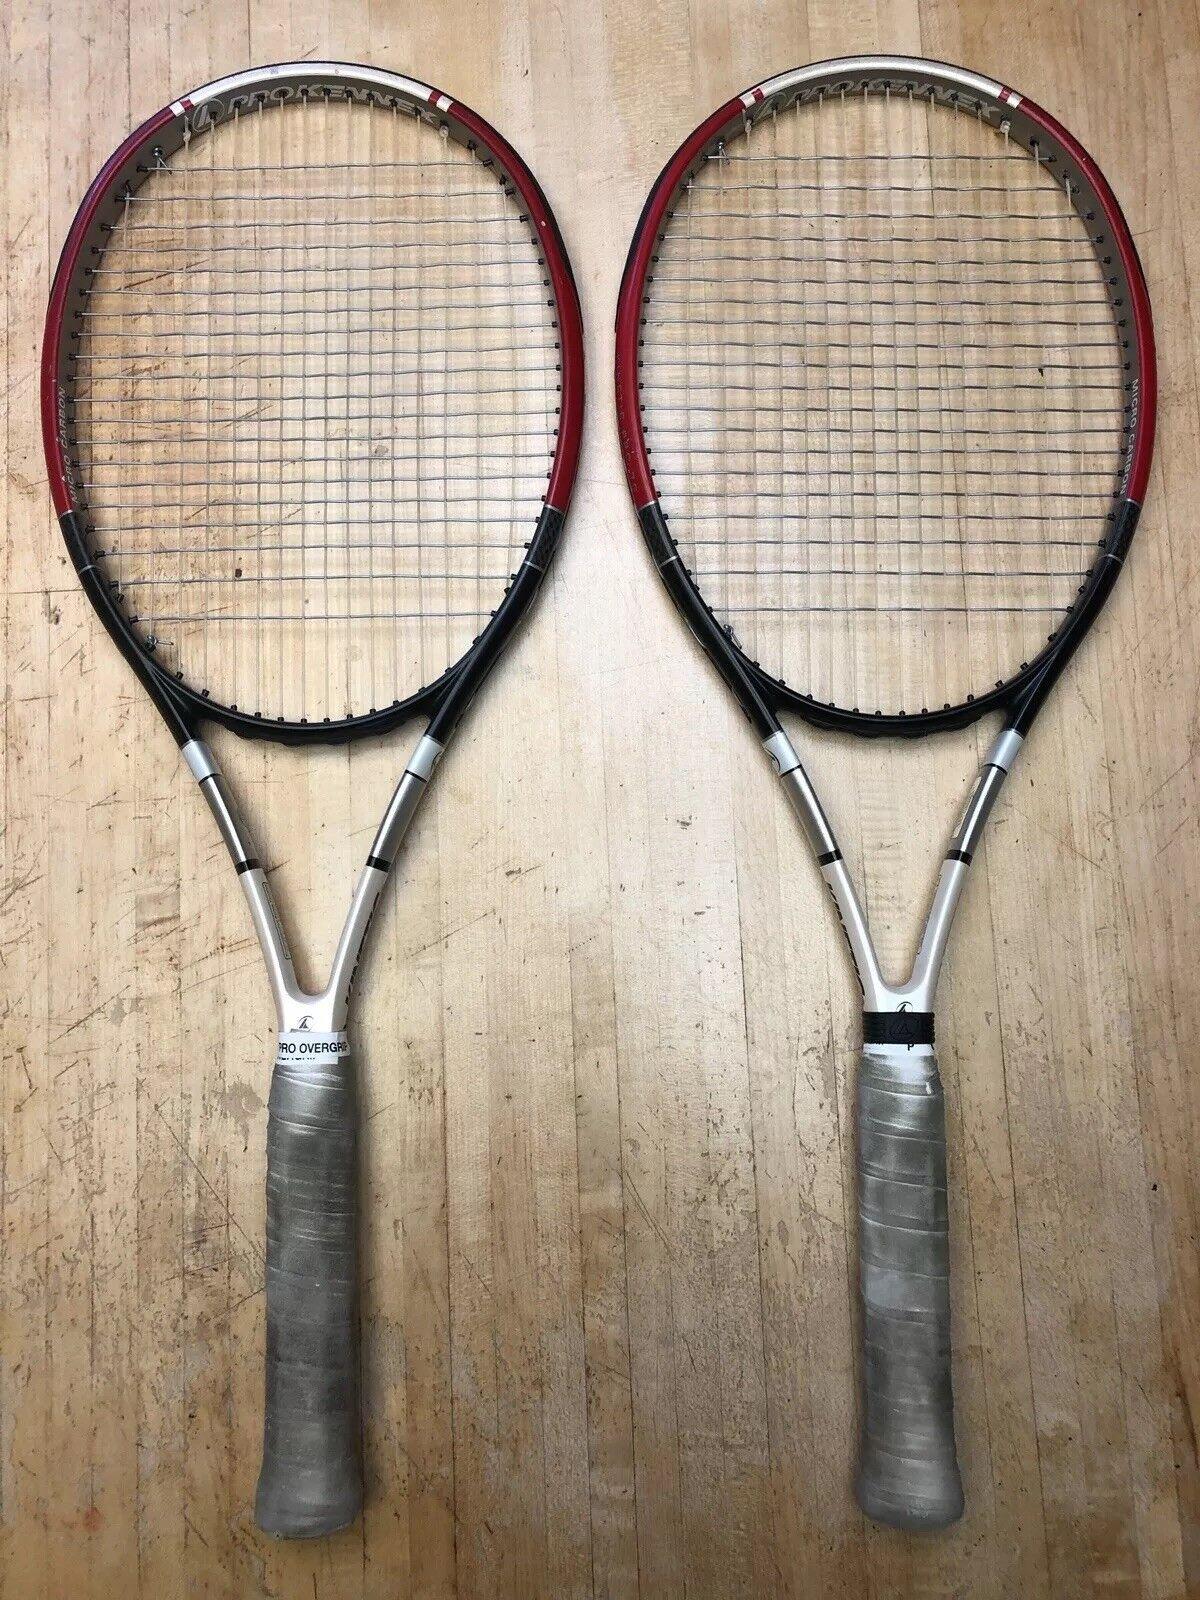 Dos Raquetas De Tenis Pro Kennex Kinetic 7G 7G 7G 4 5 8 edad94